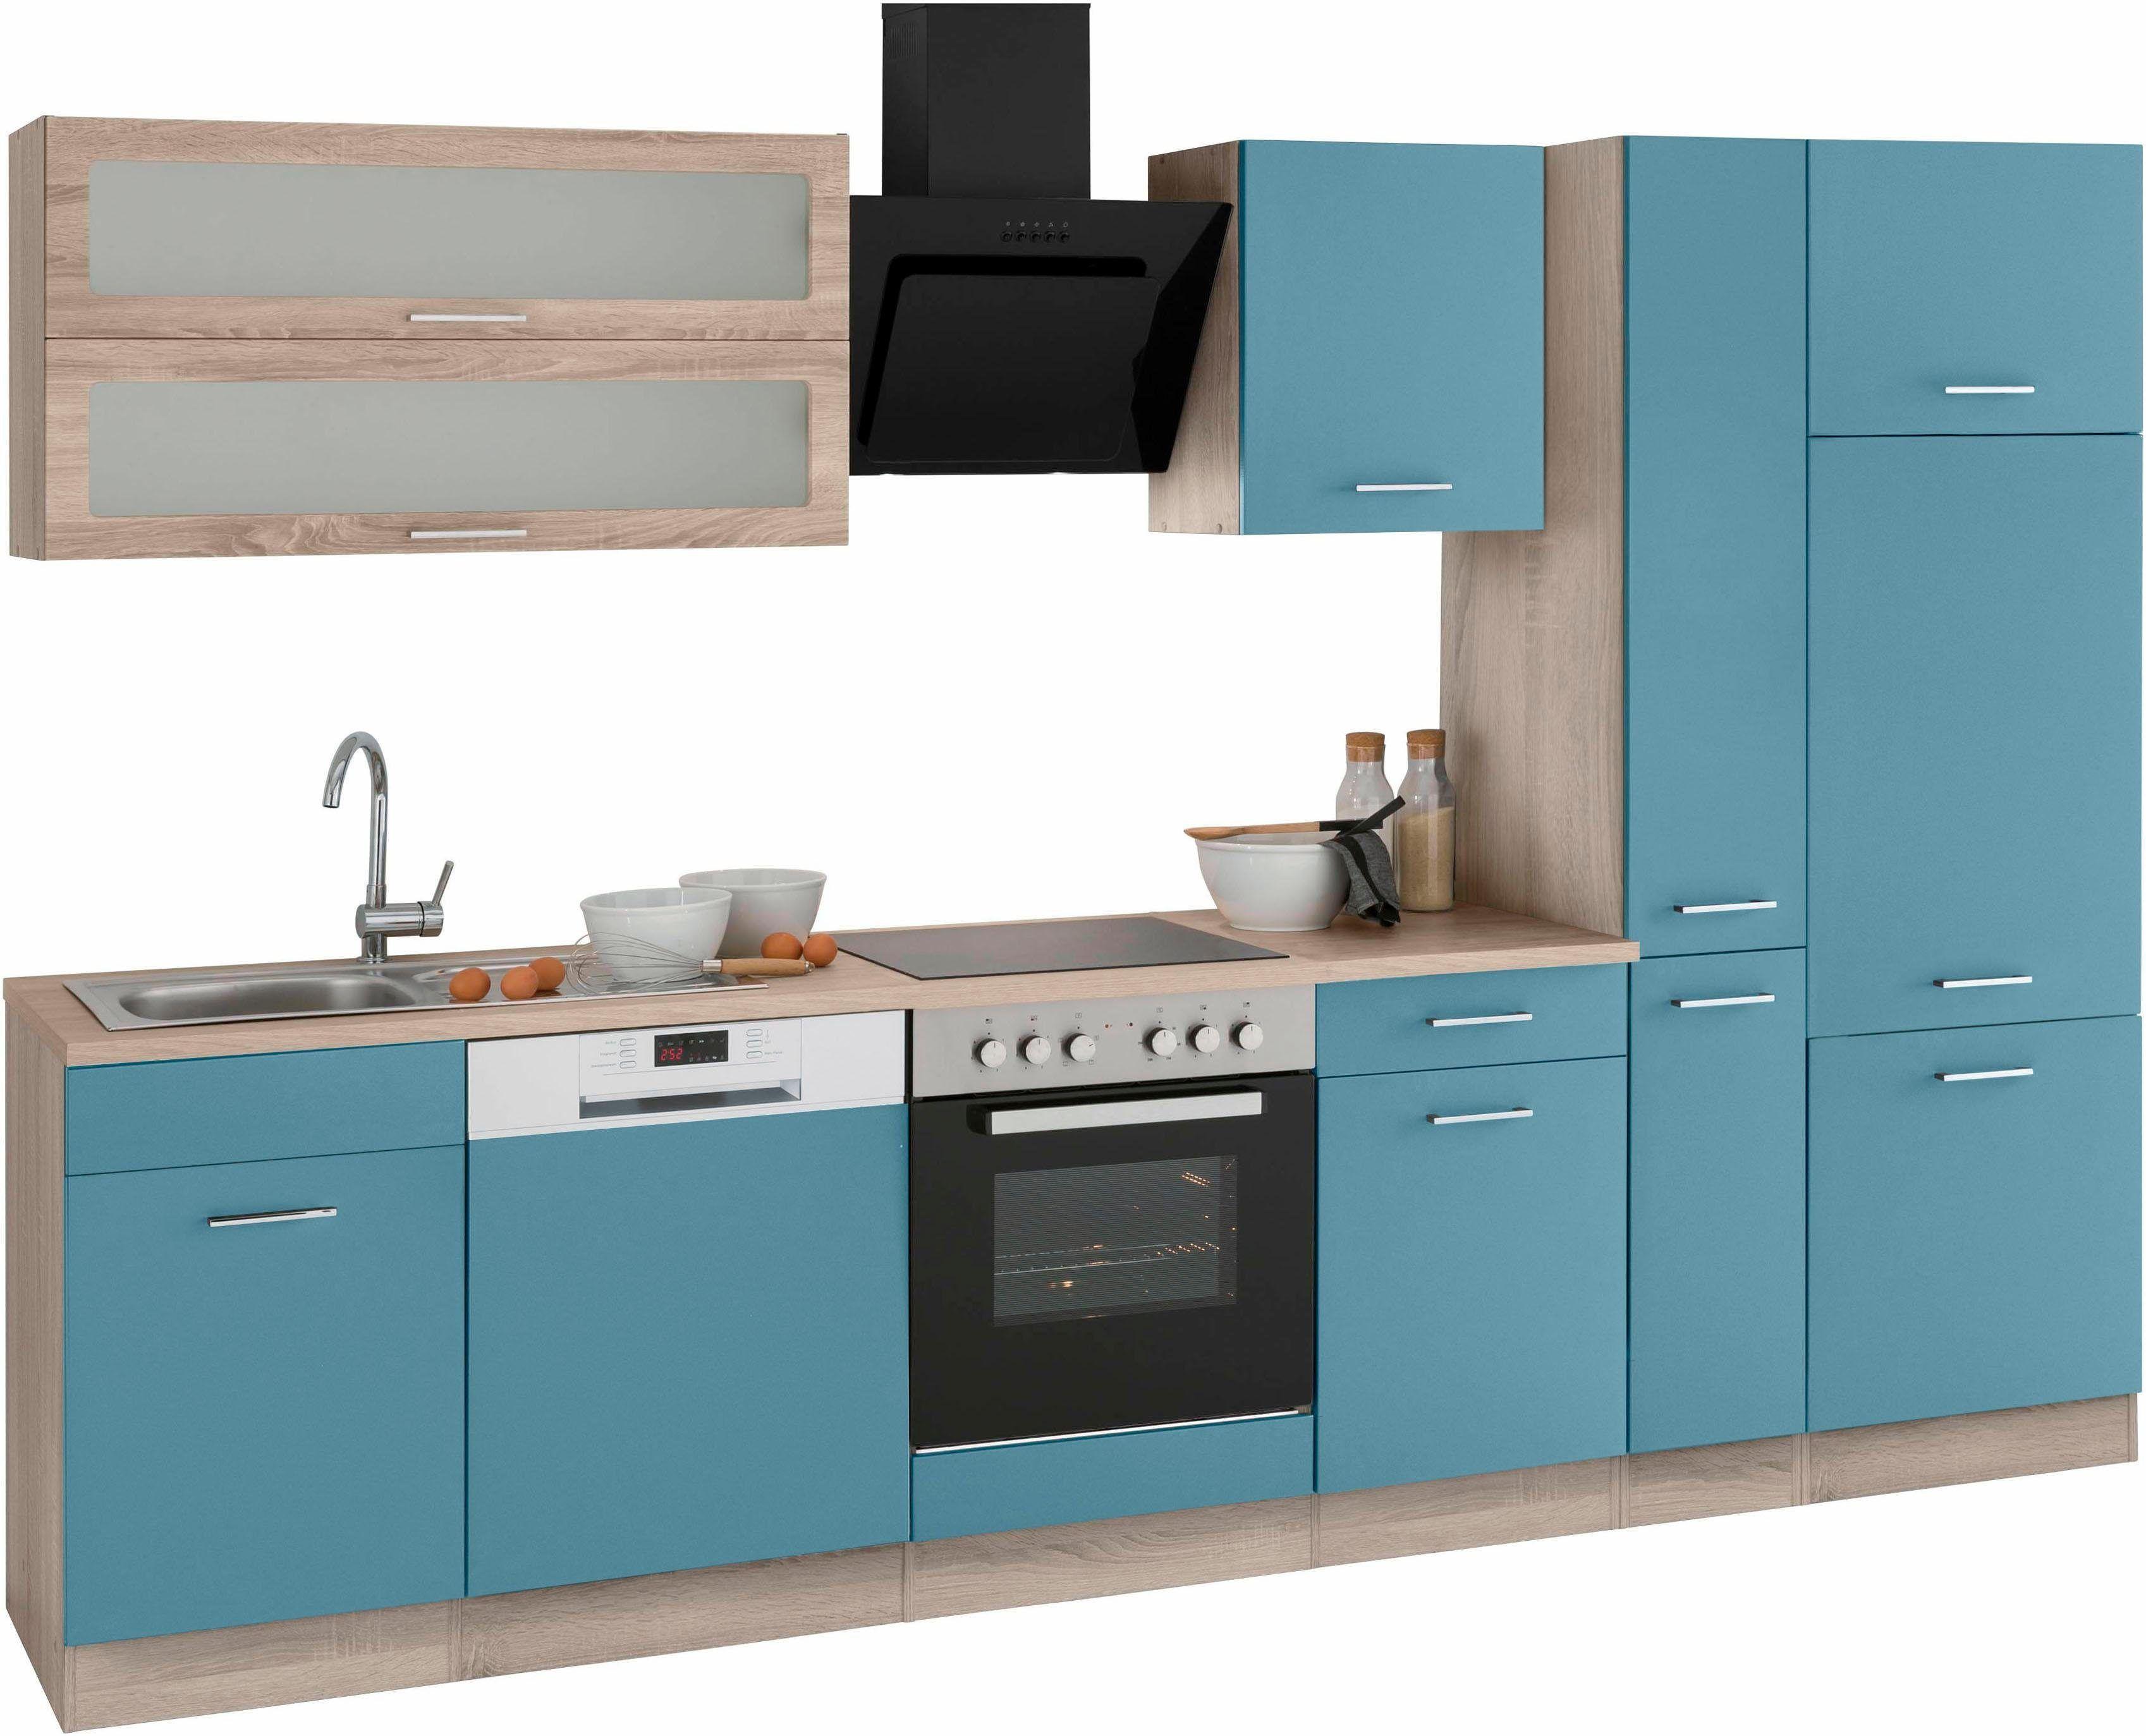 Held Küchenzeile ~ Küchenzeile mit e geräten blau mit aufbauservice »utah« held